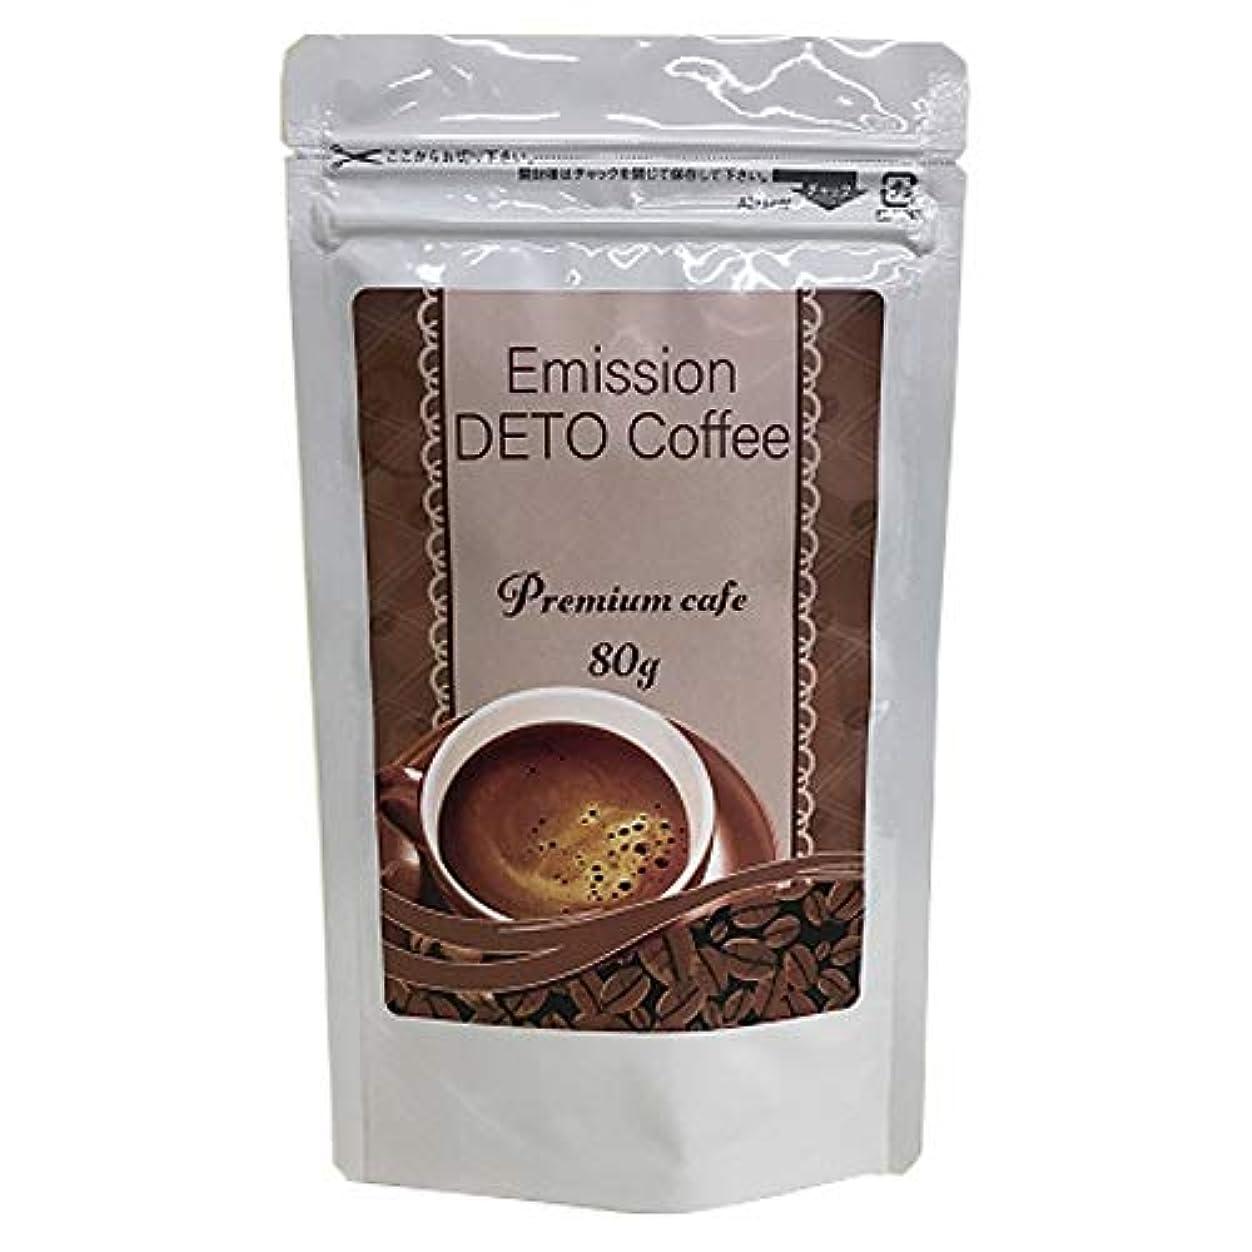 ハイキングに行く欠かせない上級エミッションデトコーヒー ダイエットコーヒー